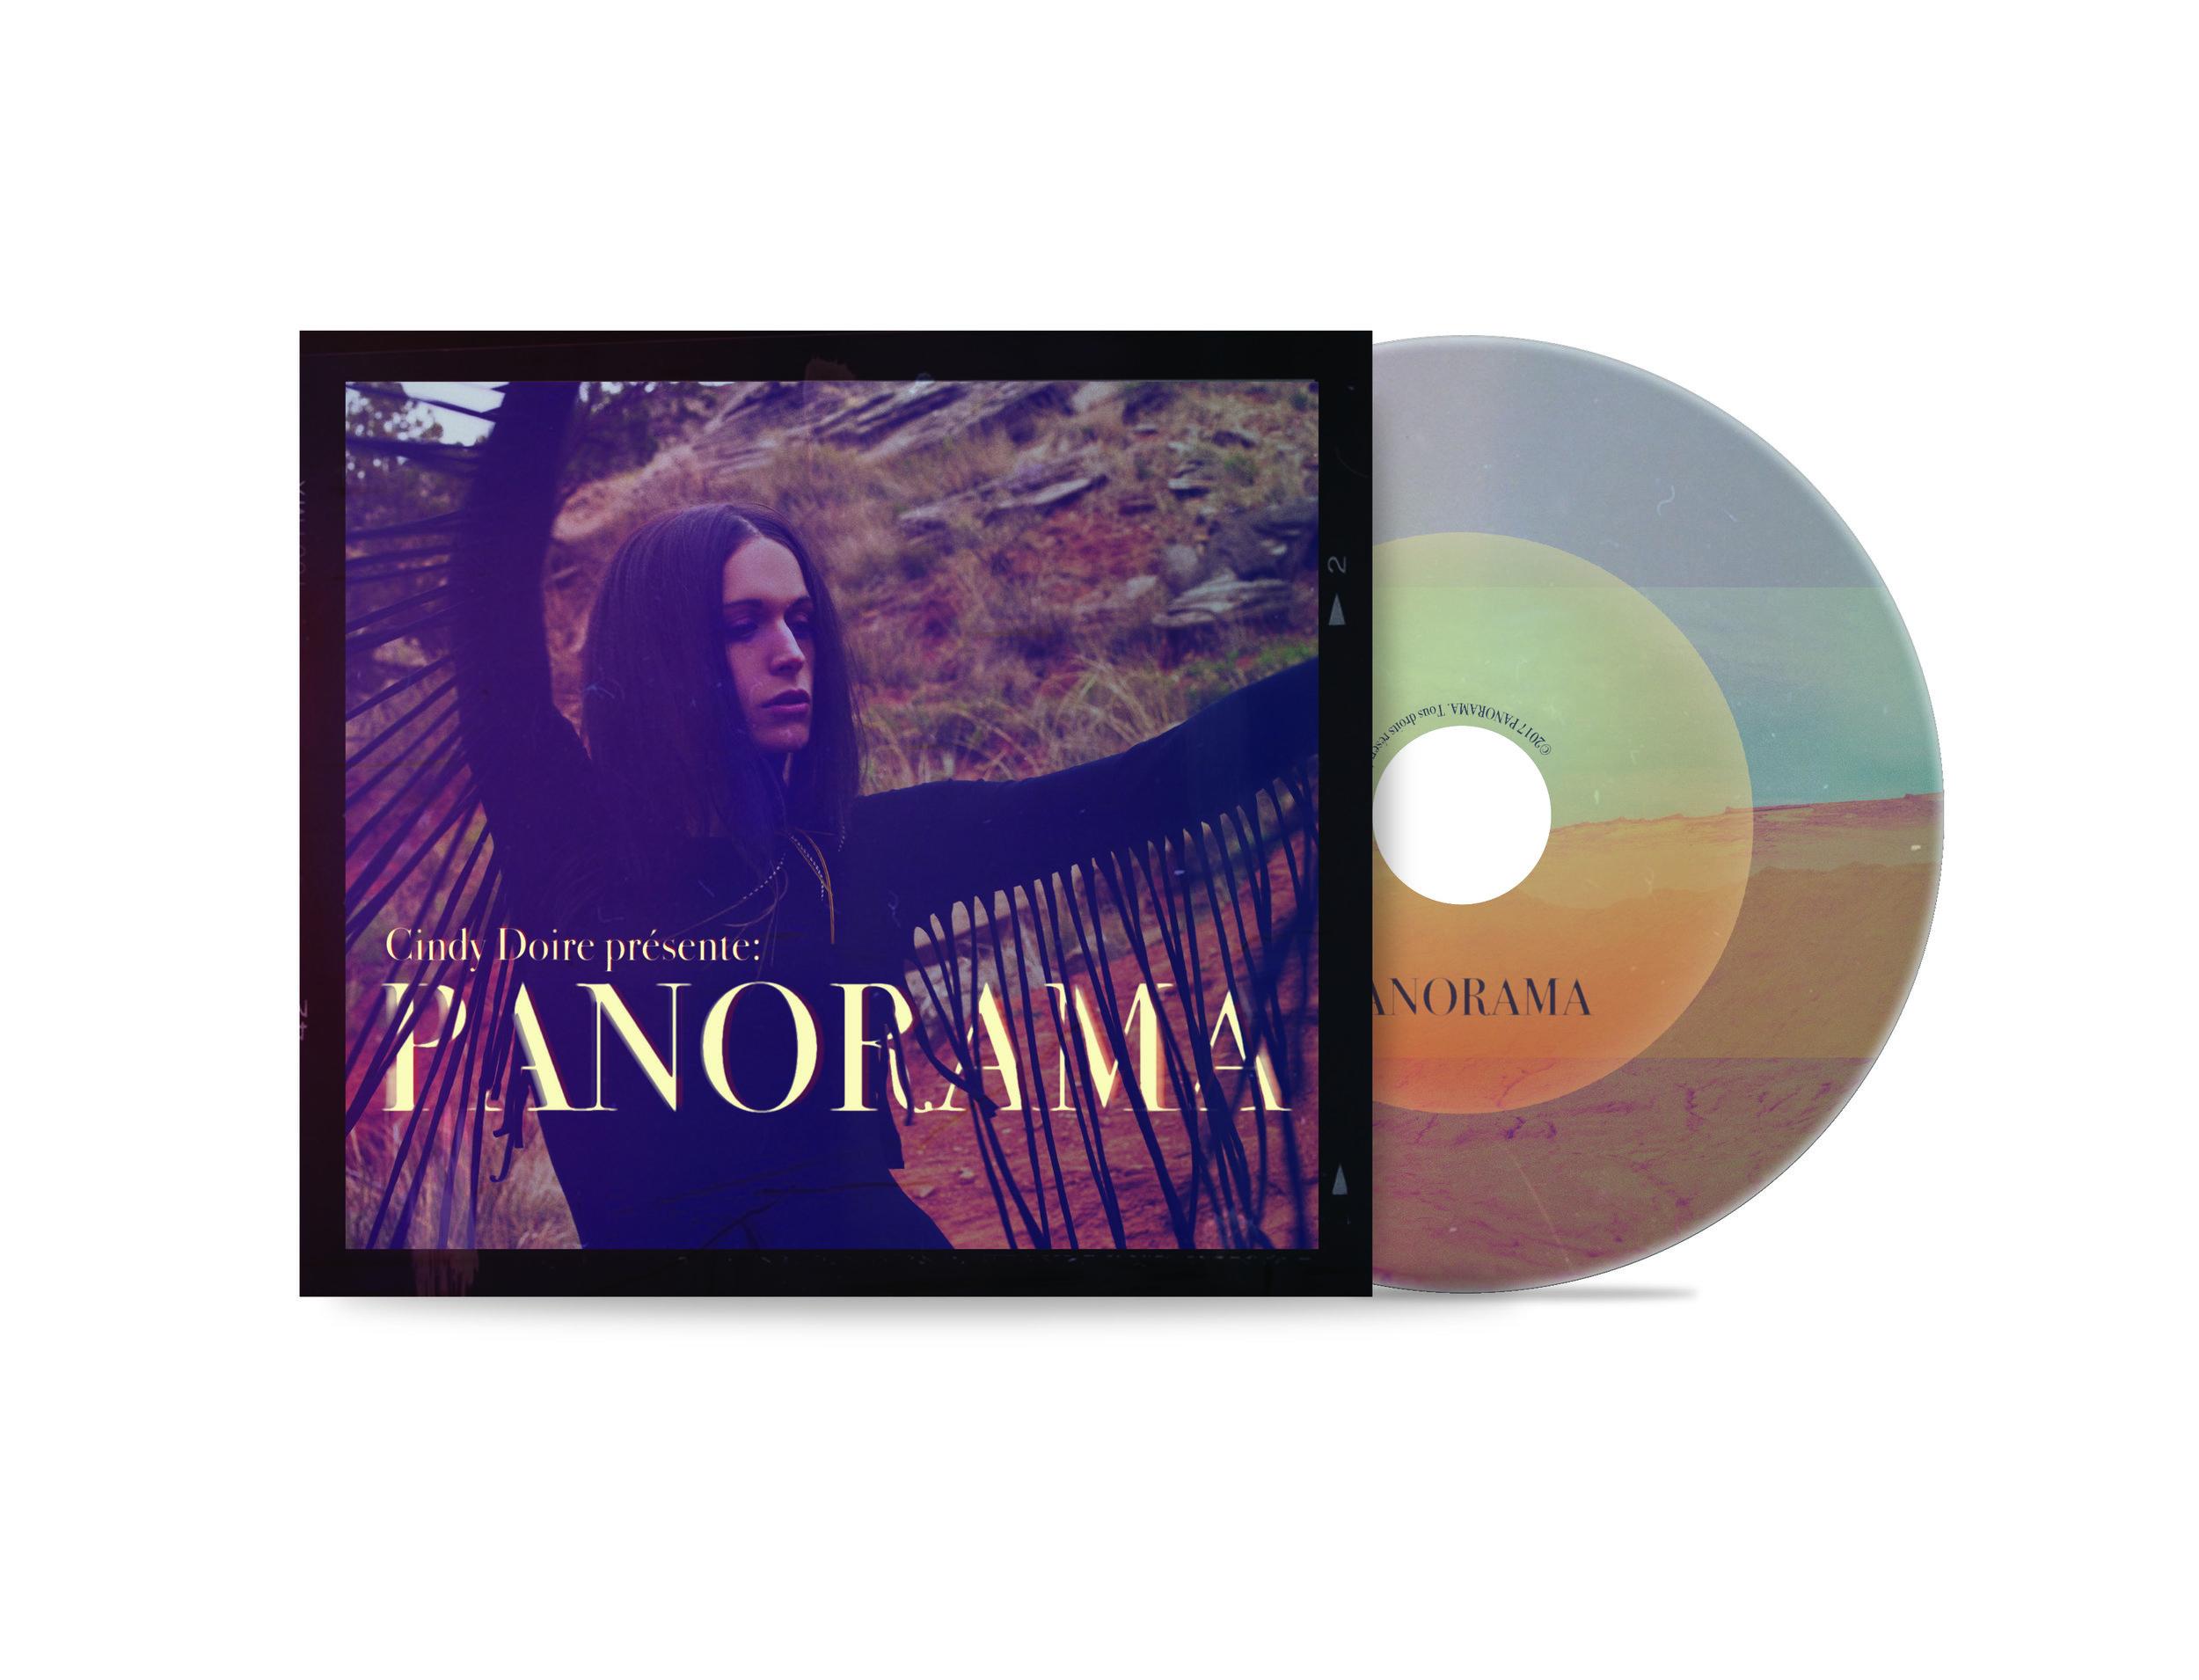 album artowrk-04.jpg